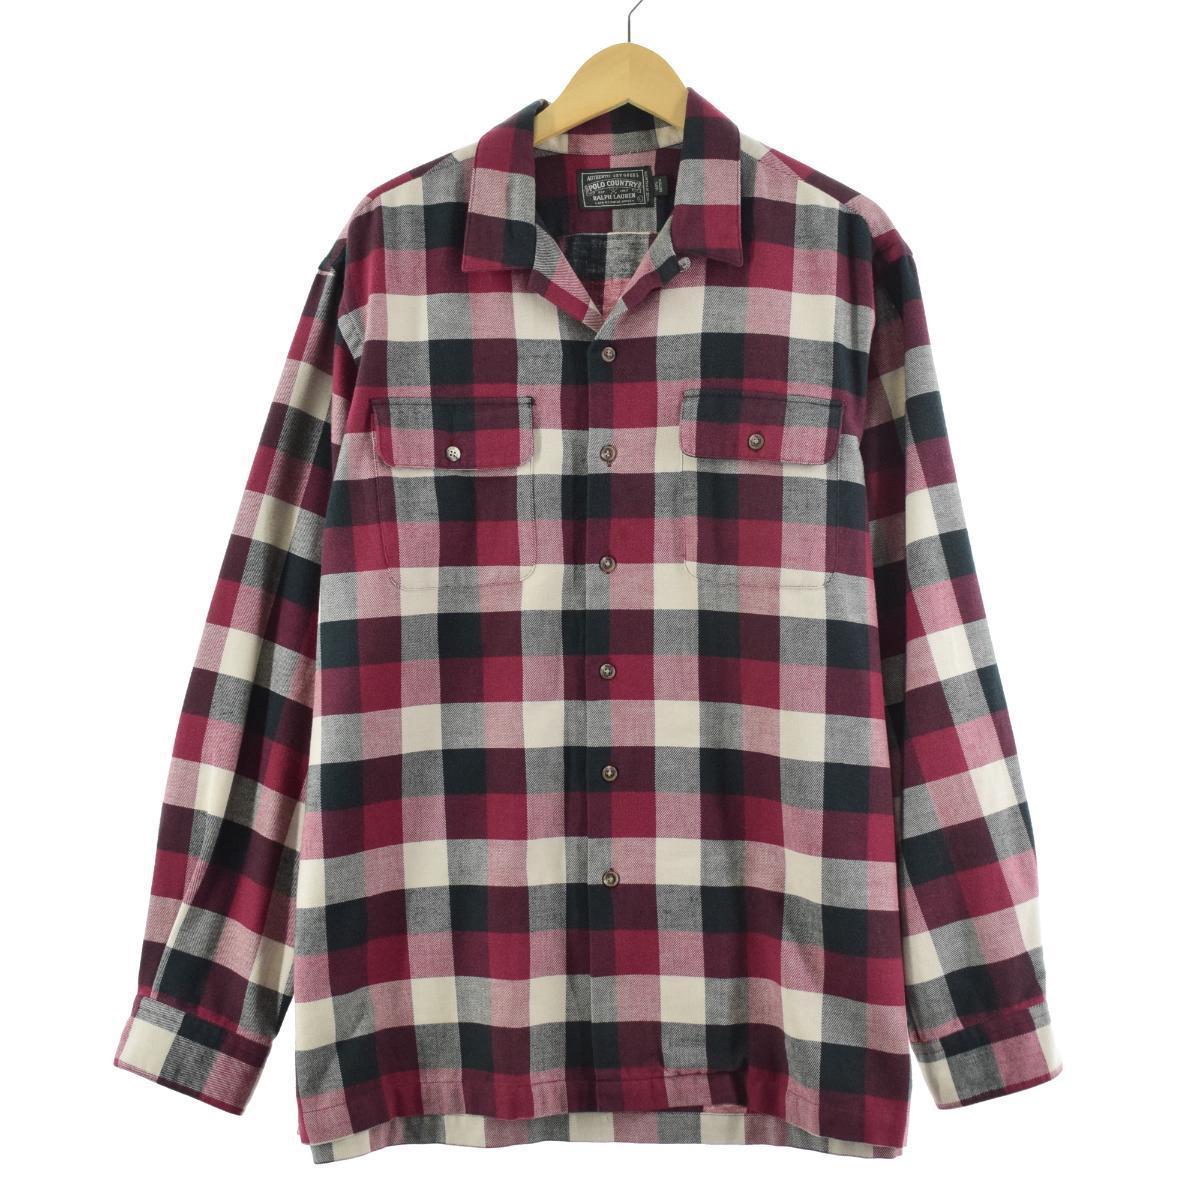 80~90年代 ラルフローレン Ralph Lauren POLO COUNTRY ポロカントリー チェック柄 オープンカラー 長袖 ライトネルボックスシャツ